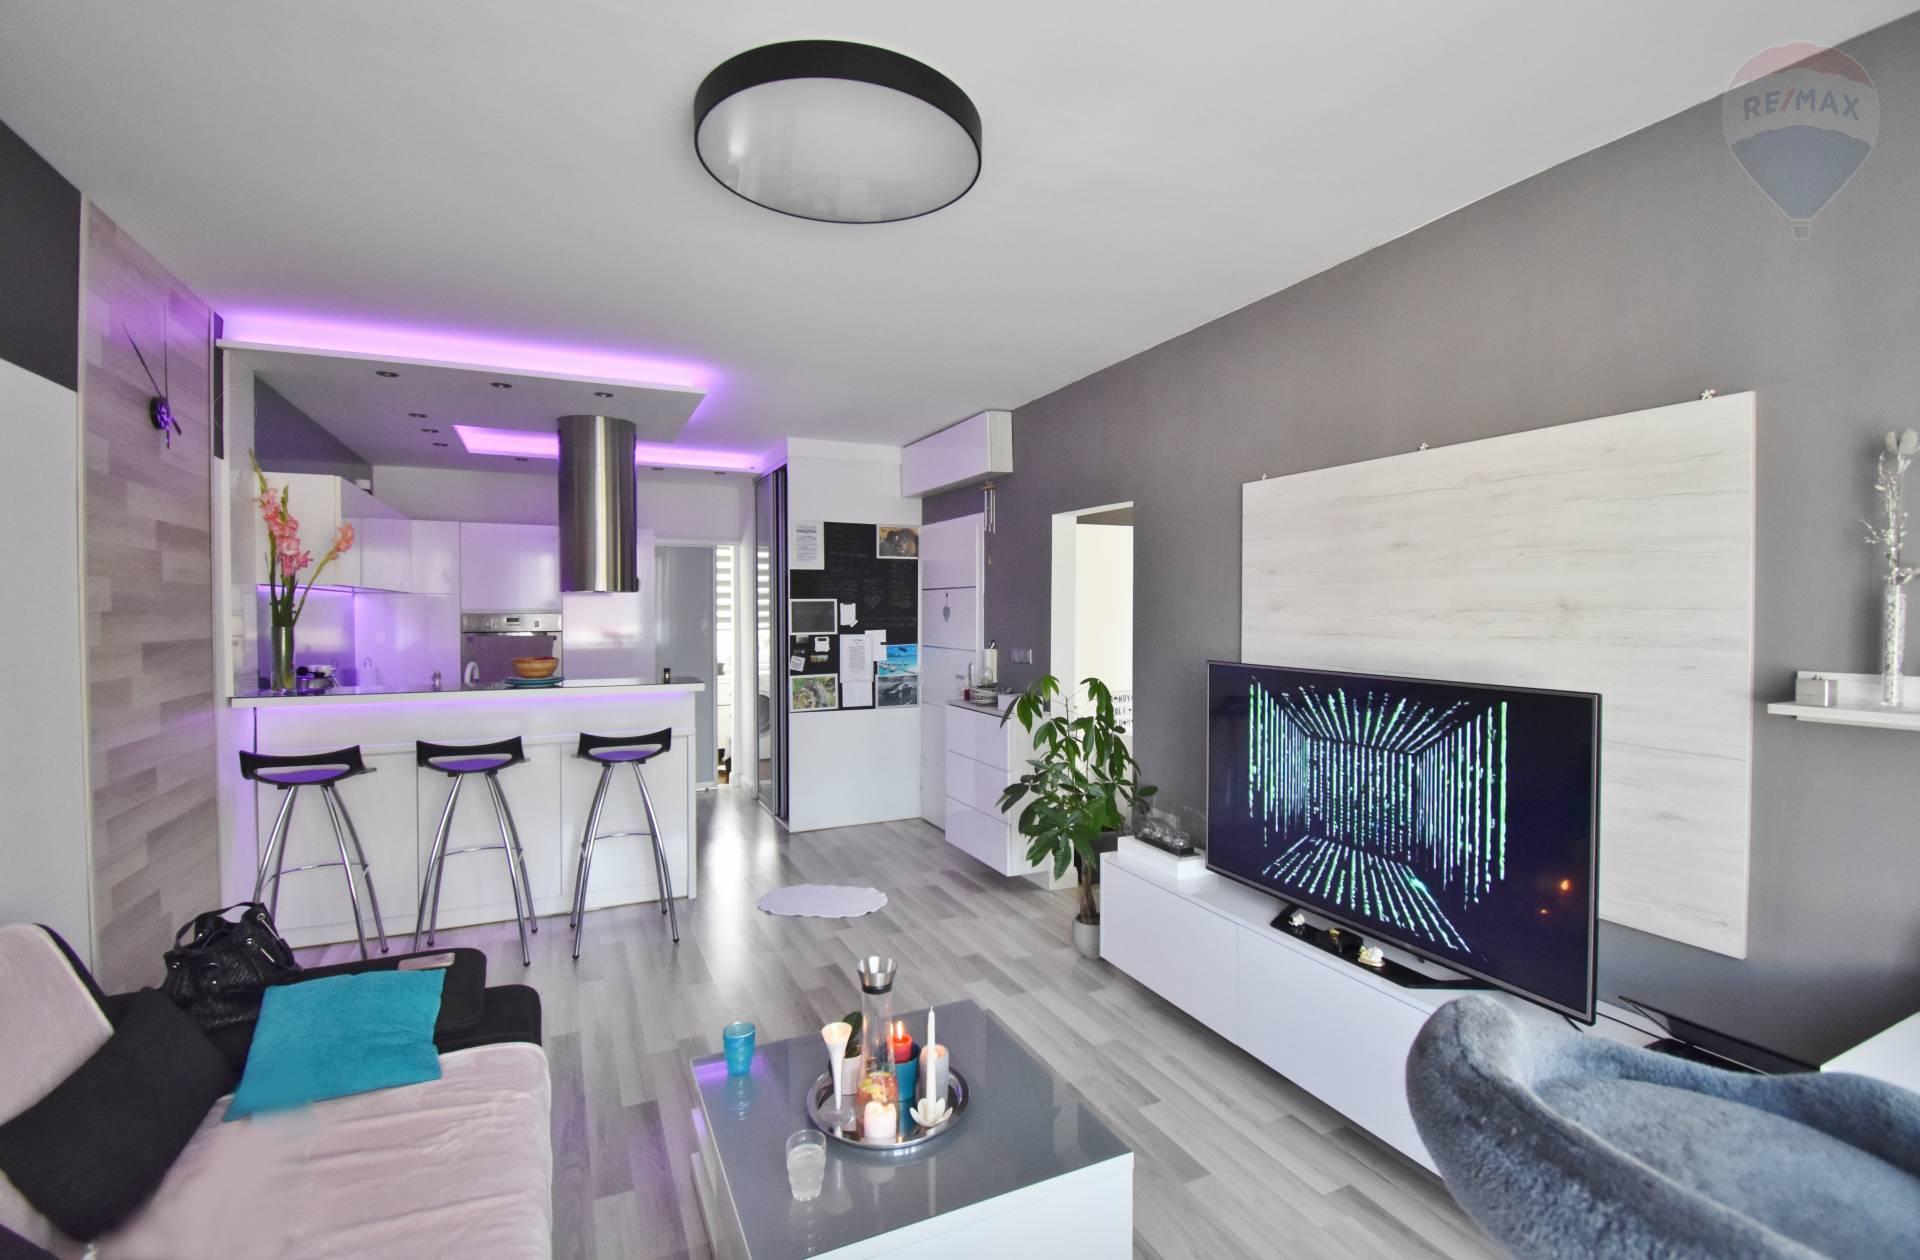 Predaj 2 izbový byt, 50 m2, Rekonštrukcia, Ulica Generála Goliana, Trnava